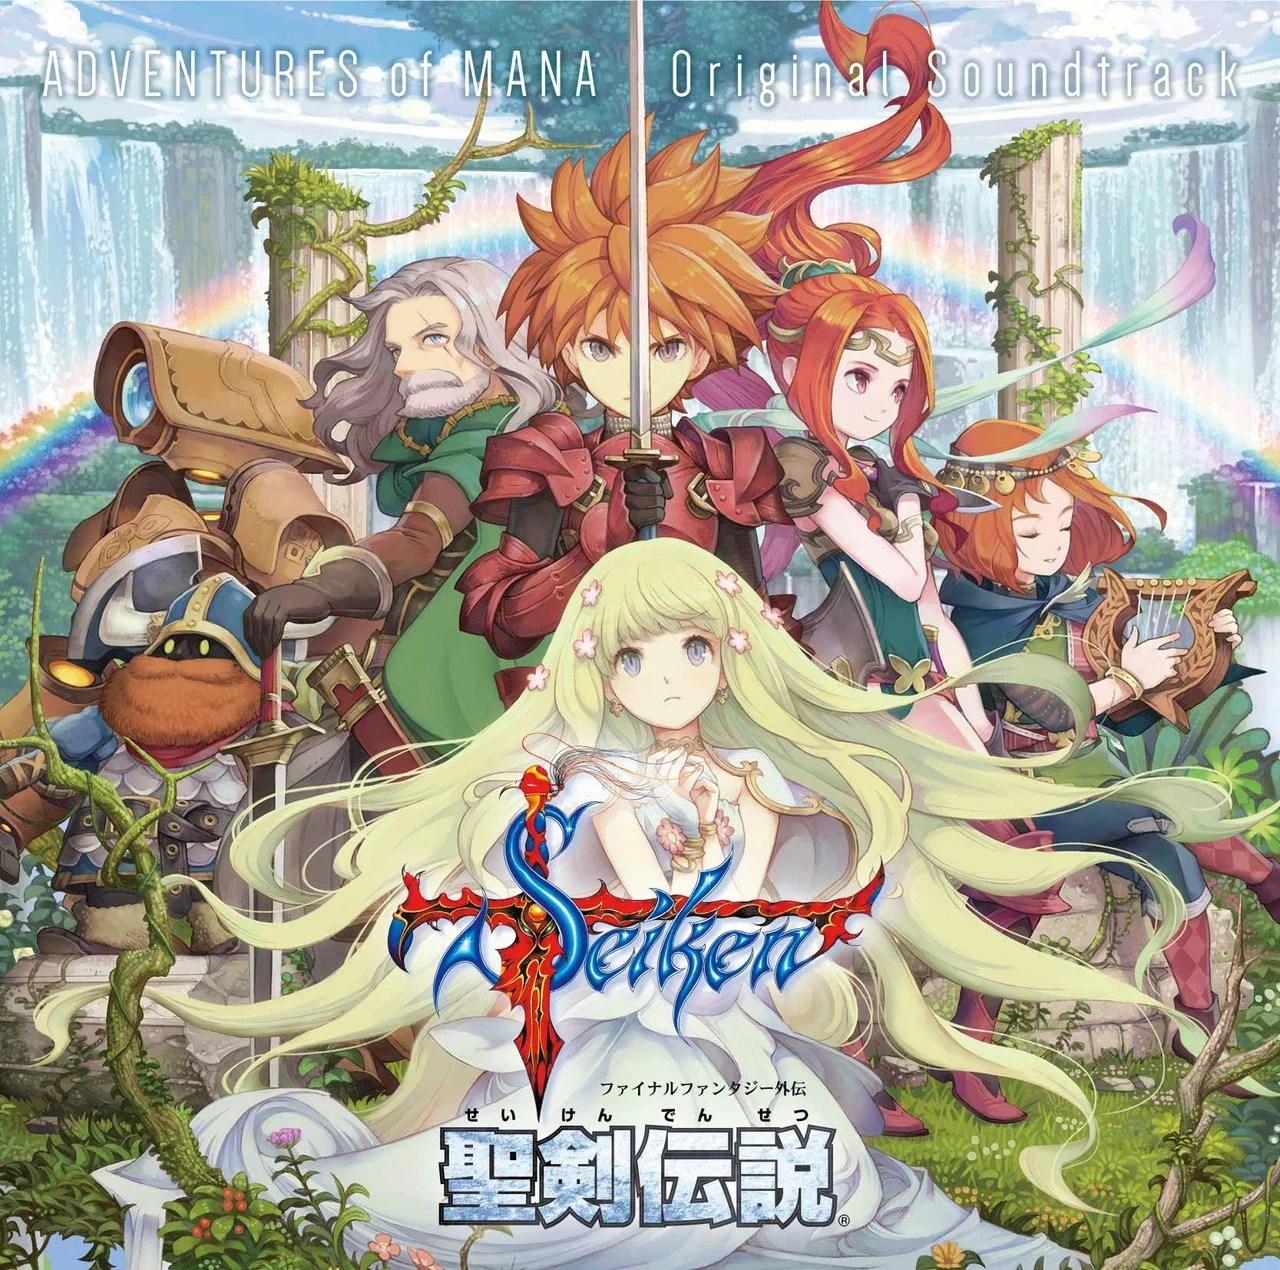 Adventures of Mana, premier épisode de la série culte des Mana, est disponible sur Android